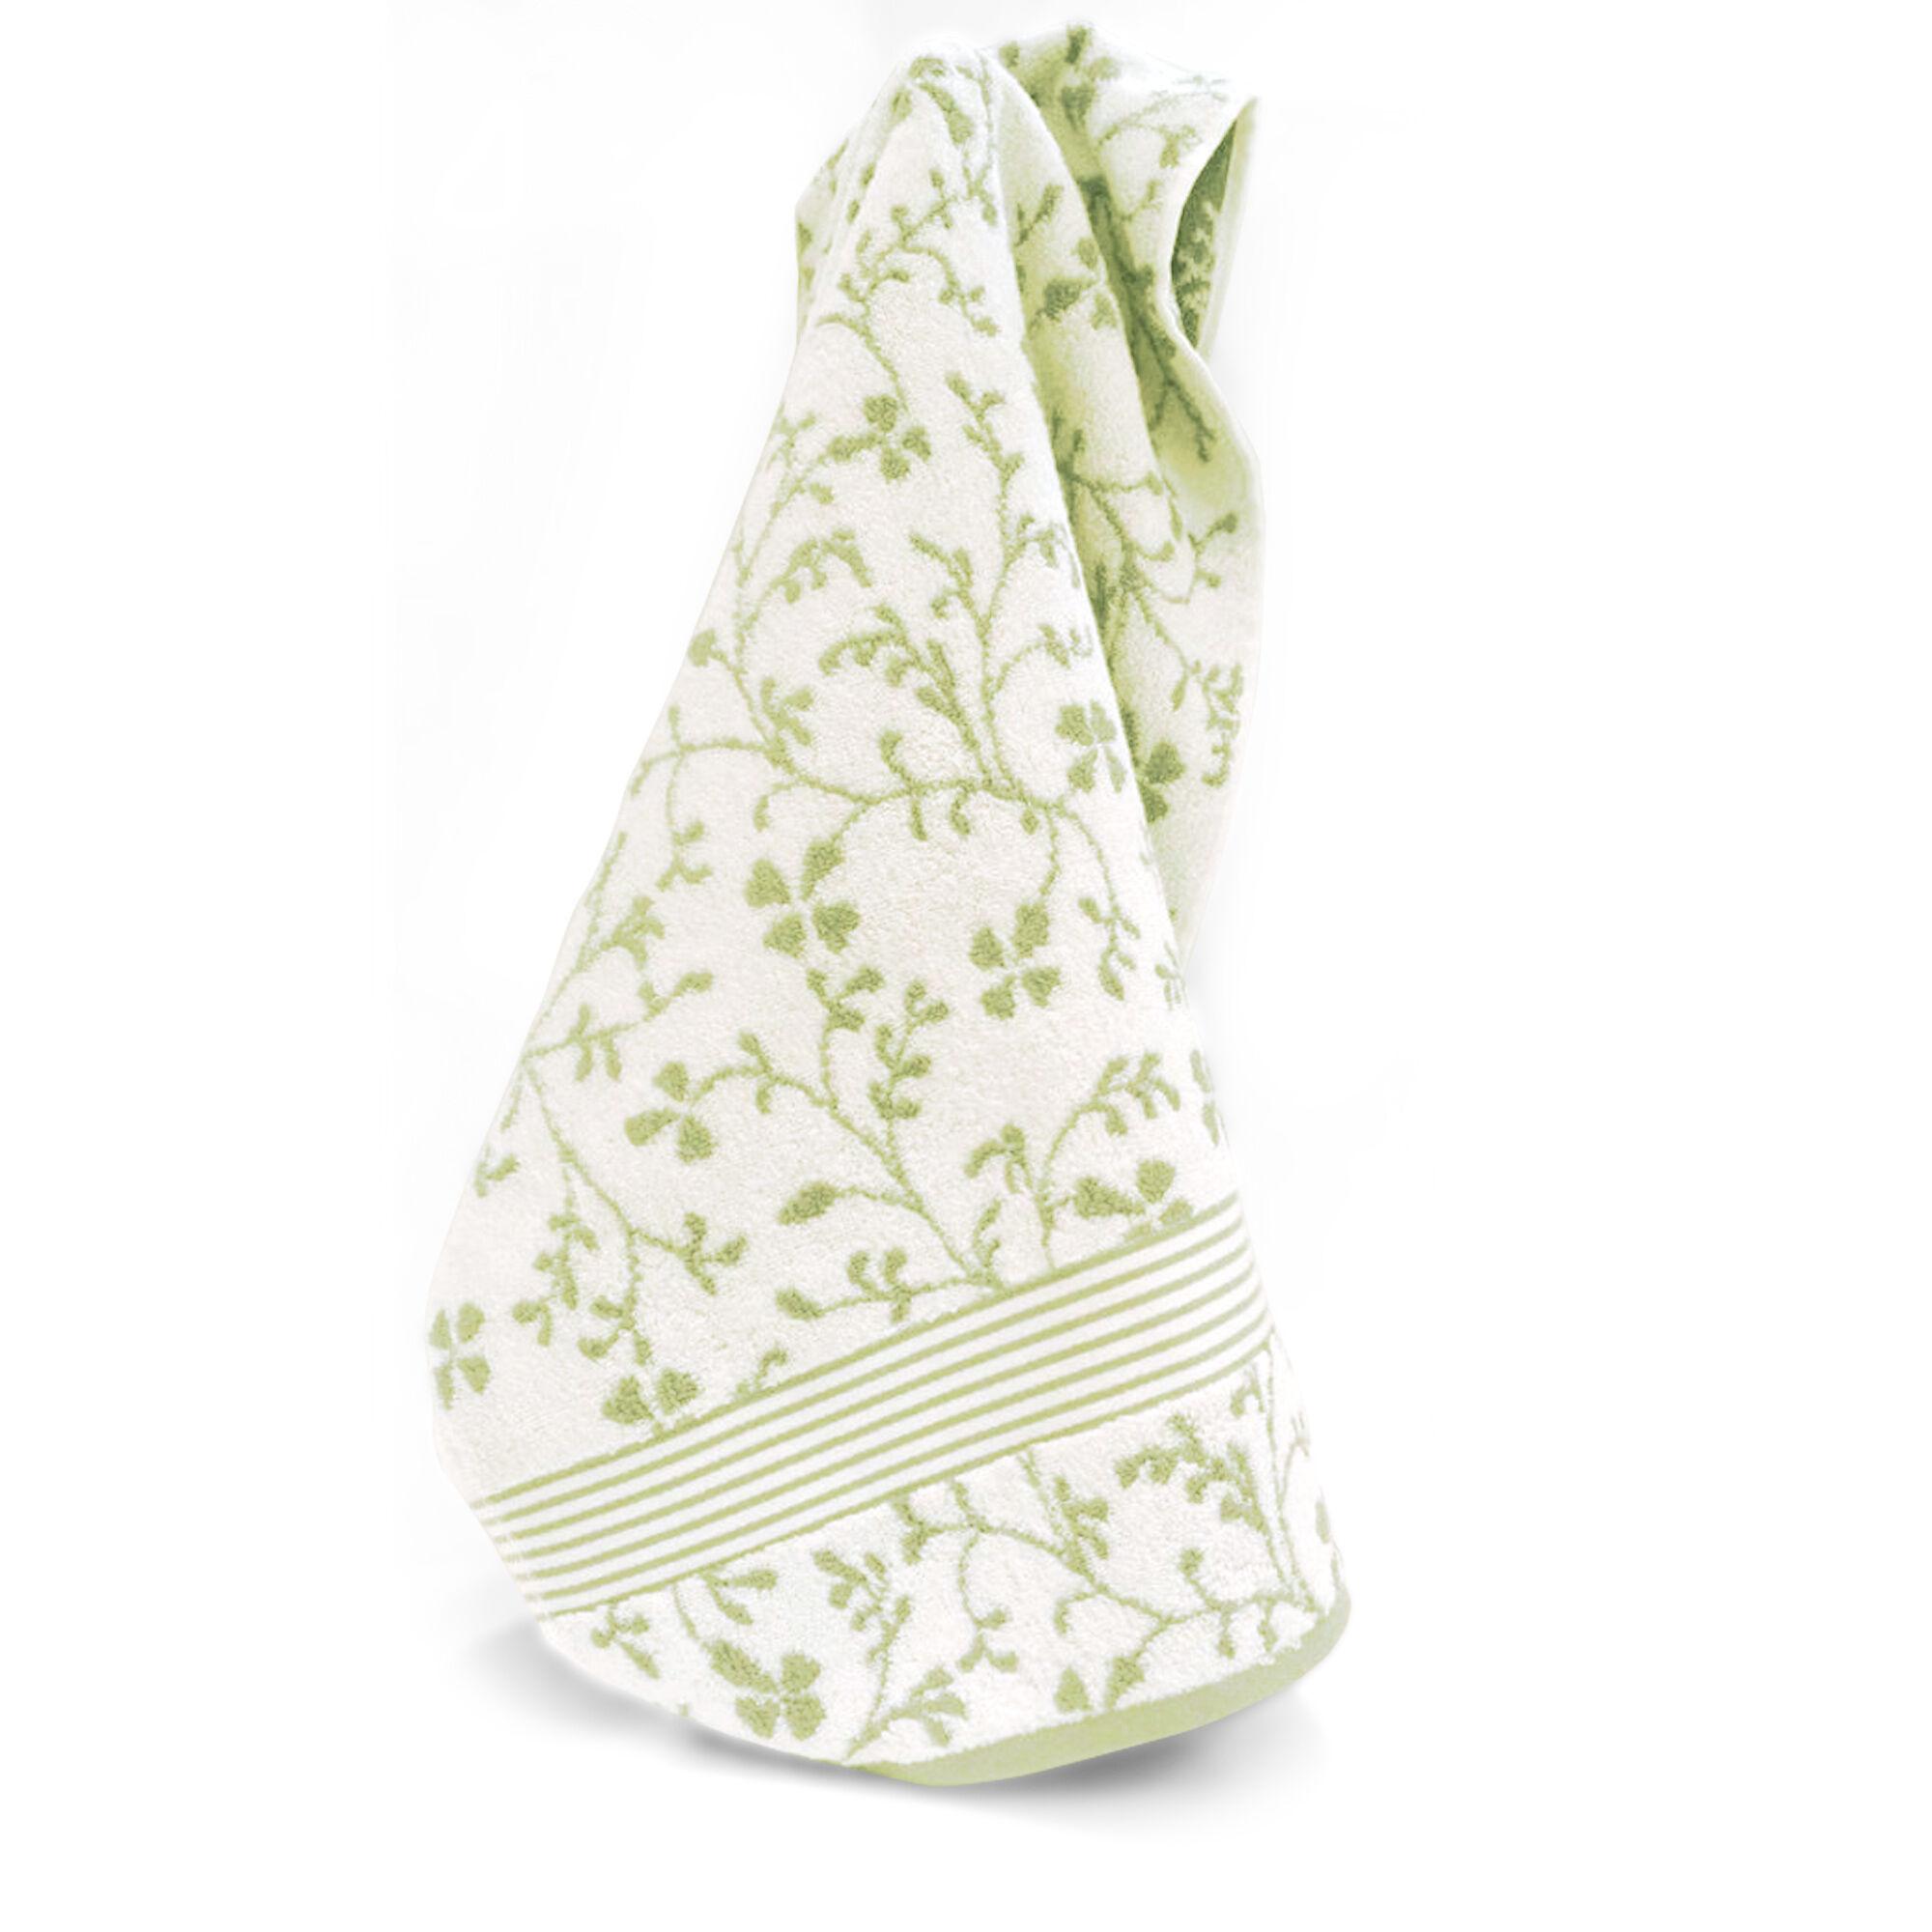 serviette de toilette 40x60 cm vintage floral vert 550 g m2 linnea. Black Bedroom Furniture Sets. Home Design Ideas